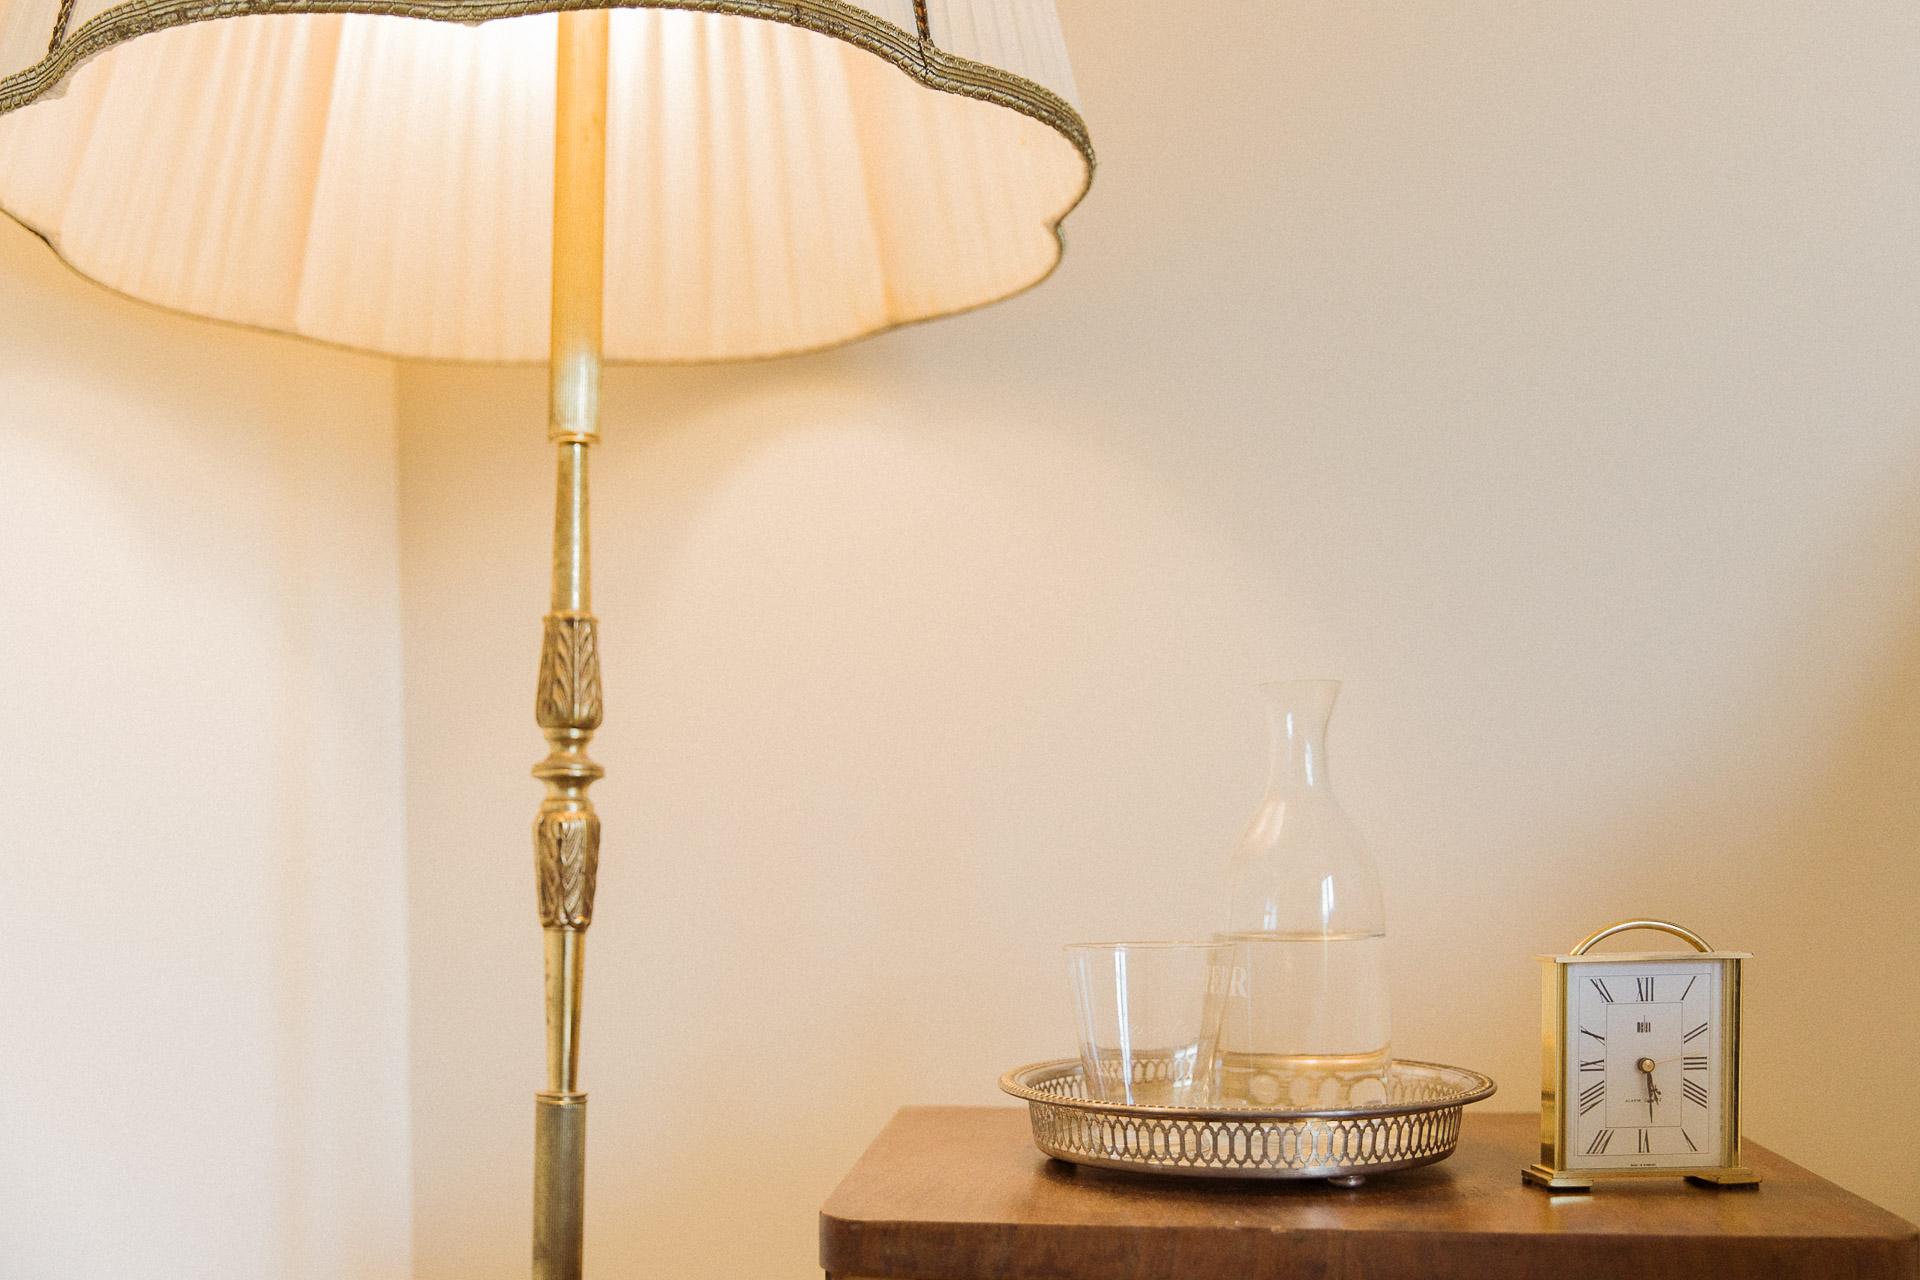 Corridoio Lungo Casa : Camere casa marzapane bed breakfast chieti abruzzo